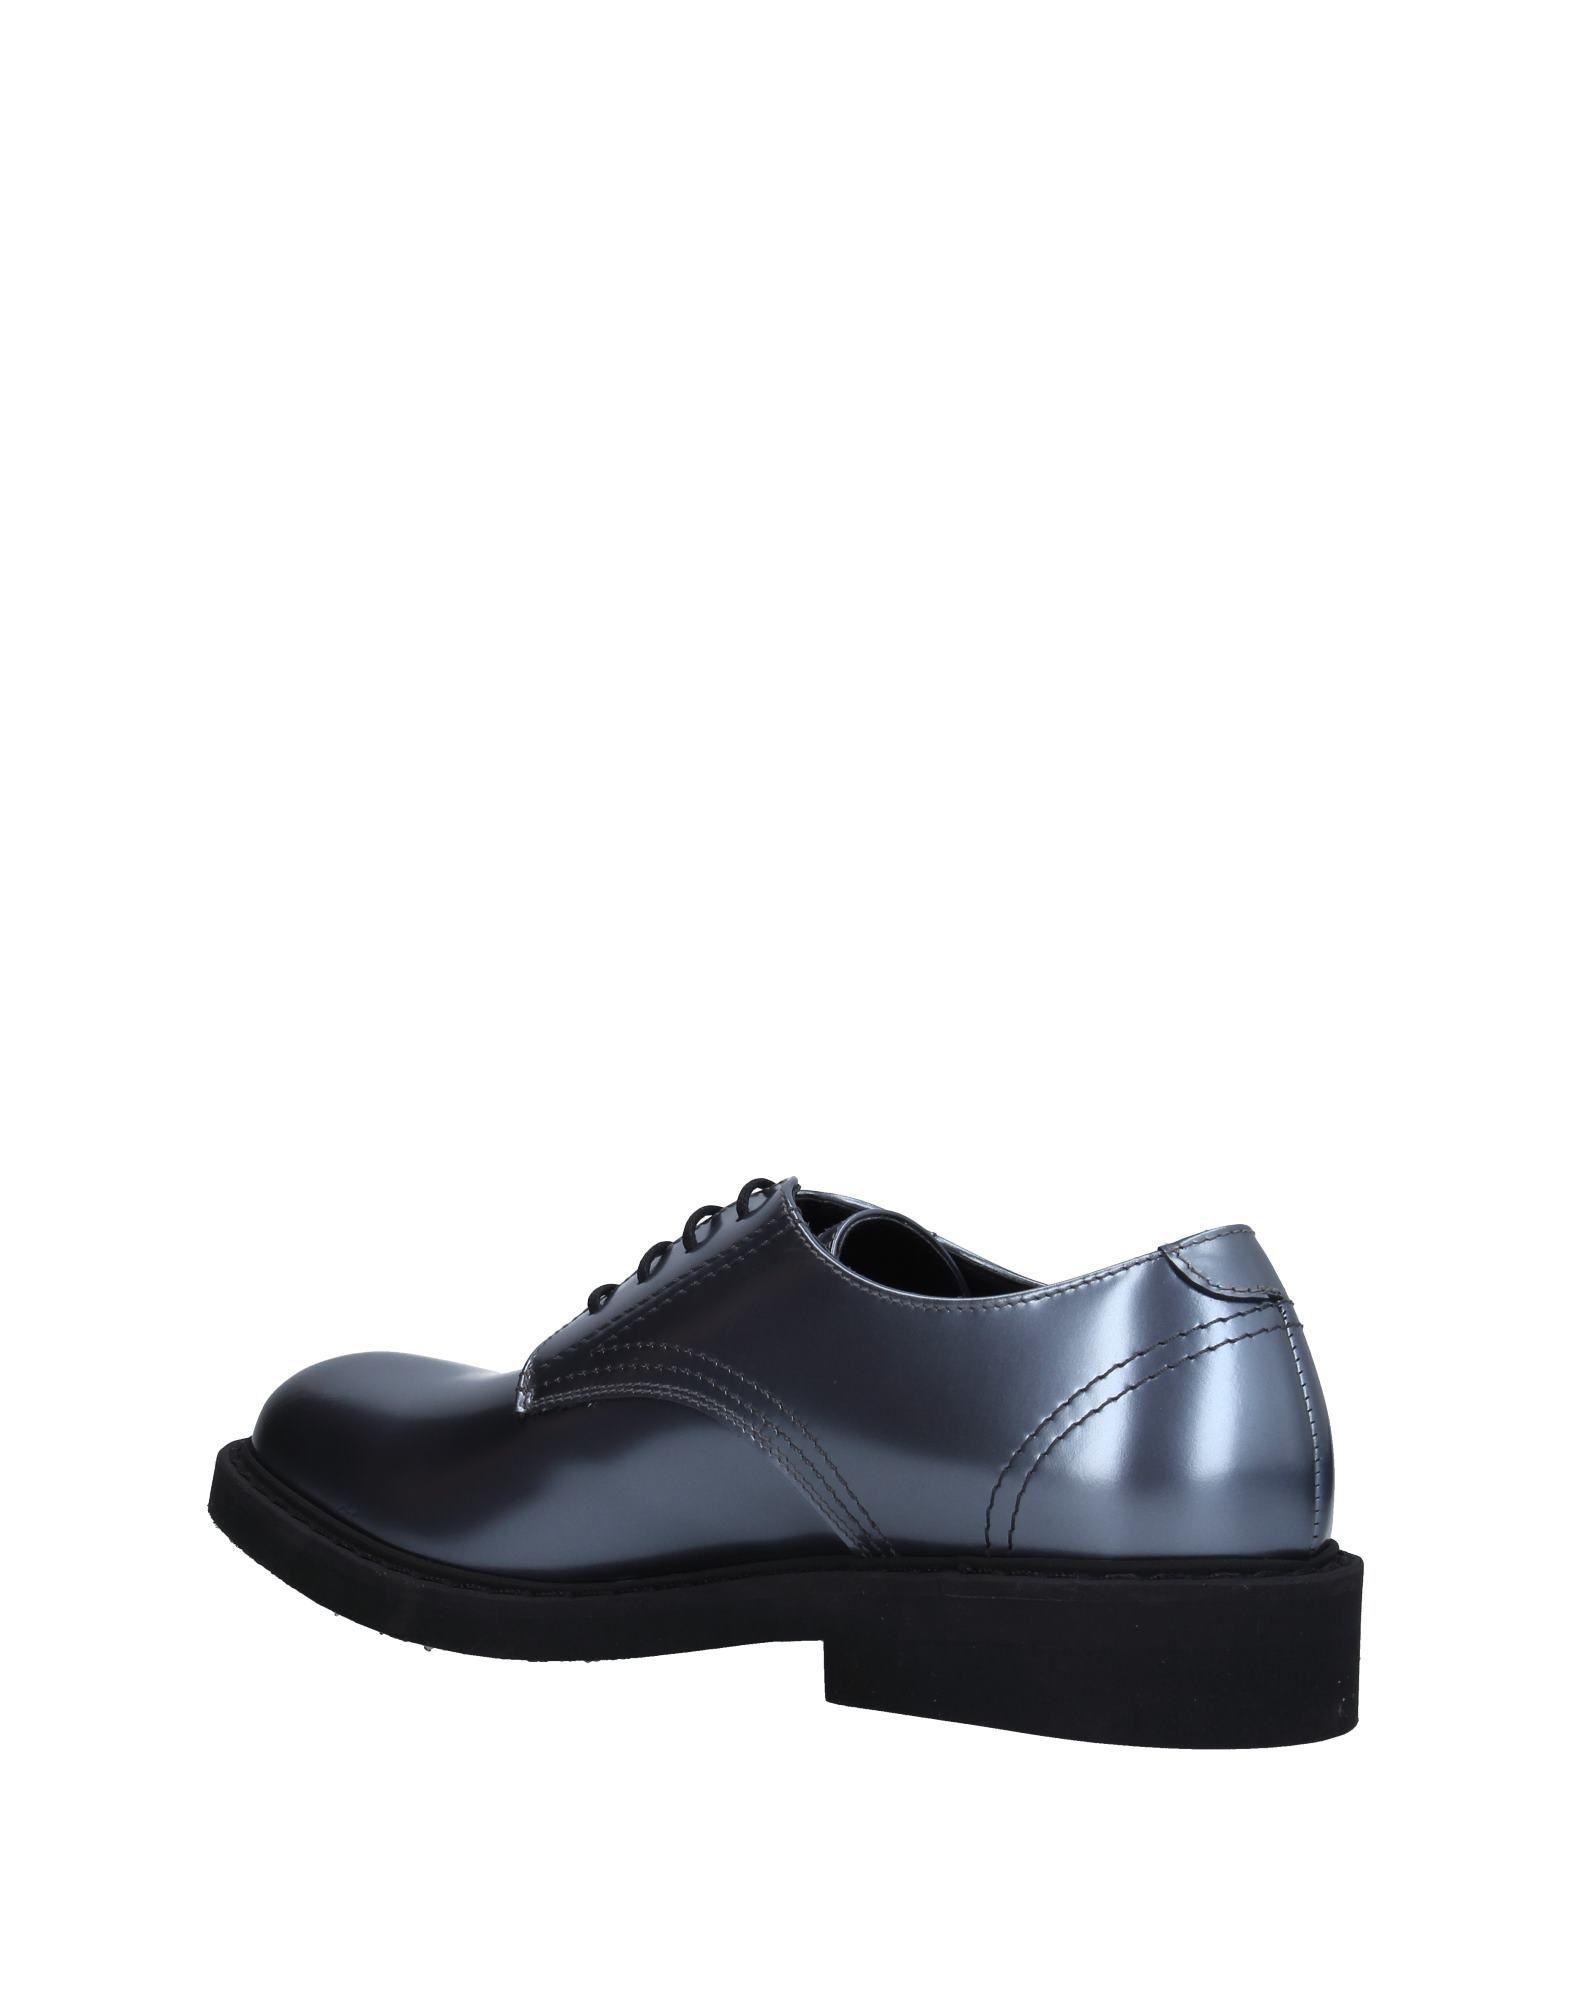 Chaussures À Lacets Bruno Bordese Femme - Chaussures À Lacets Bruno Bordese sur